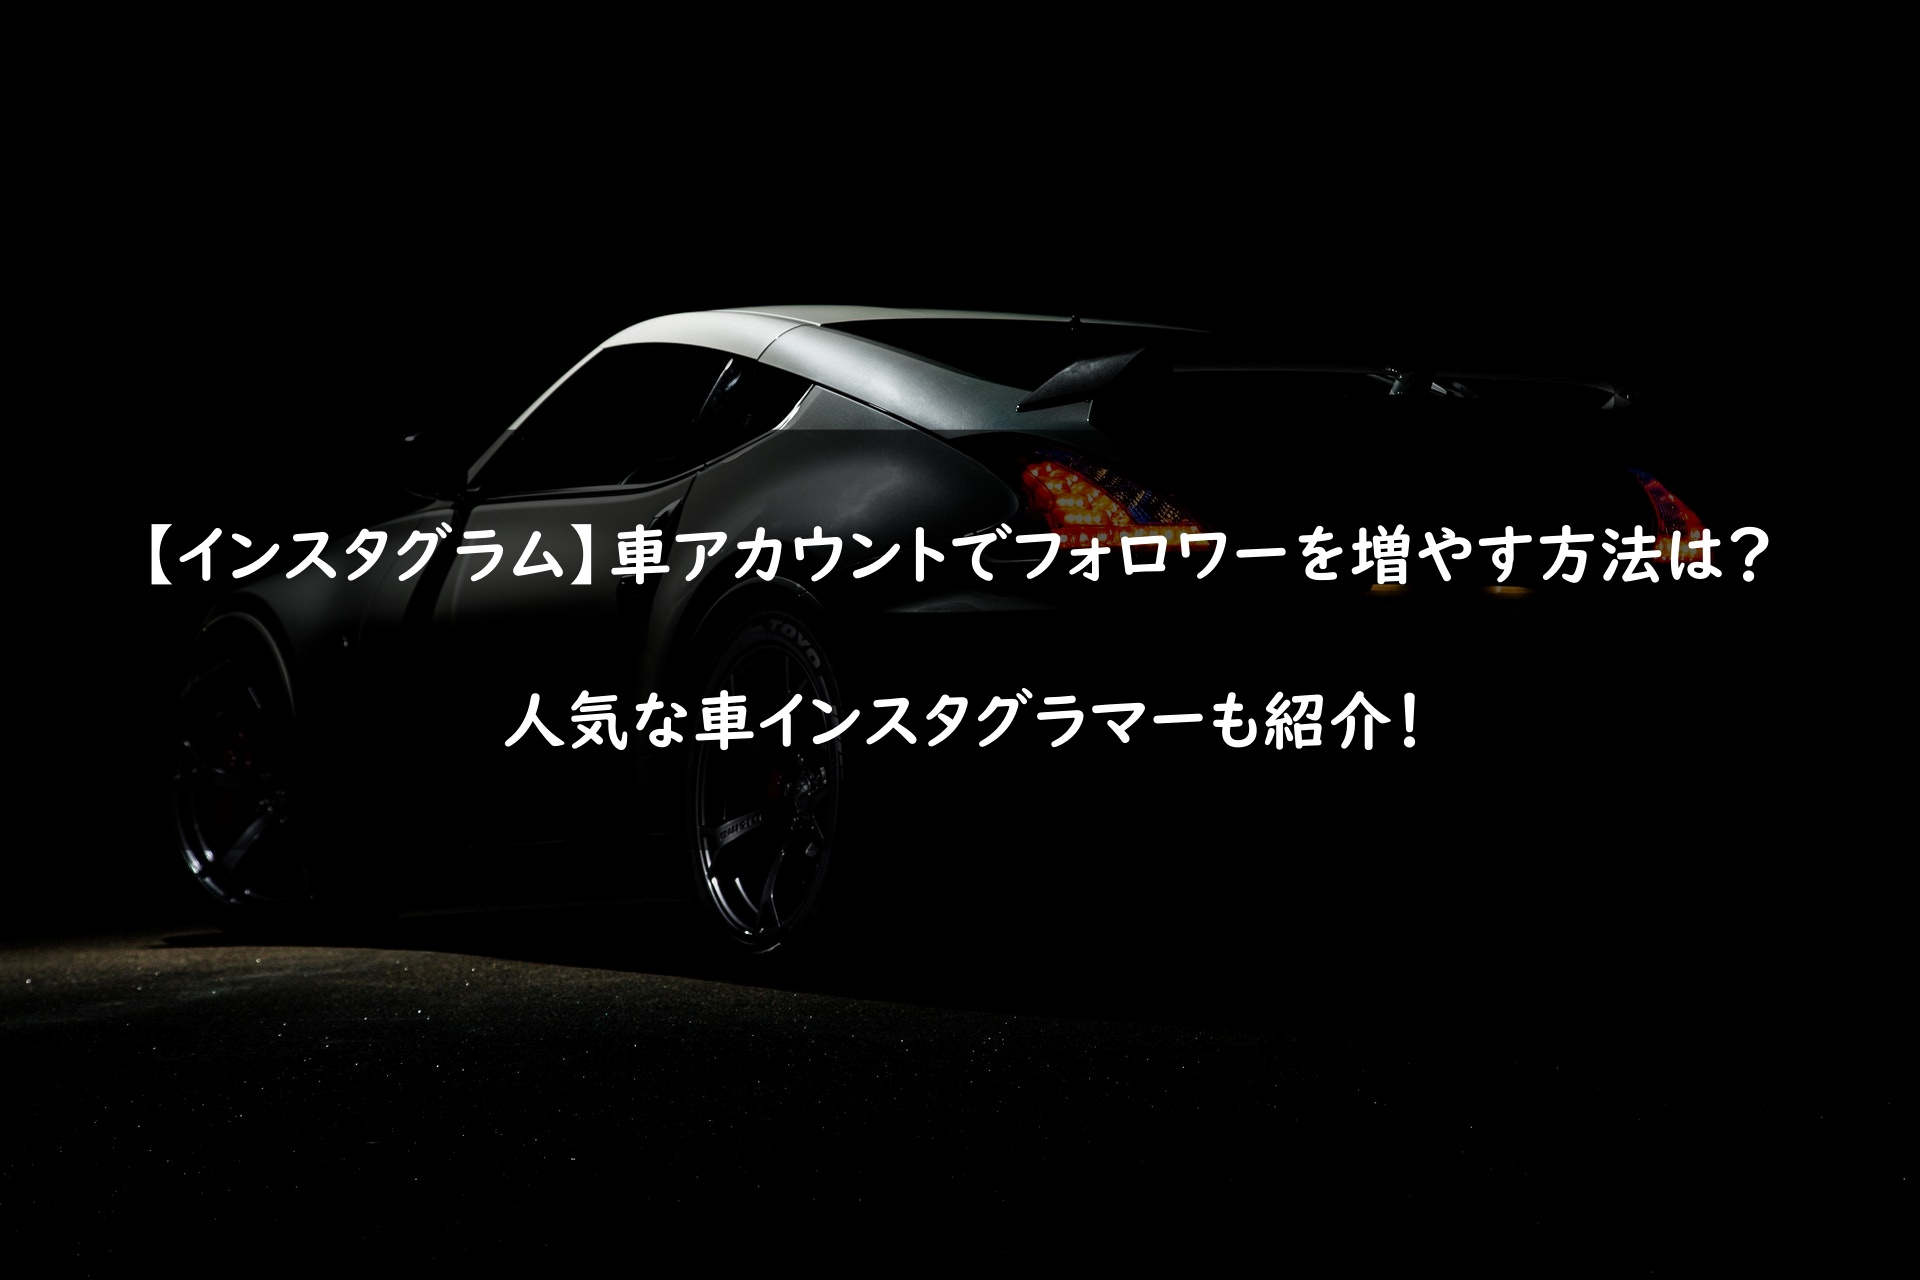 【インスタグラム】車アカウントでフォロワーを増やす方法は?人気な車インスタグラマーも紹介!のアイキャッチ画像